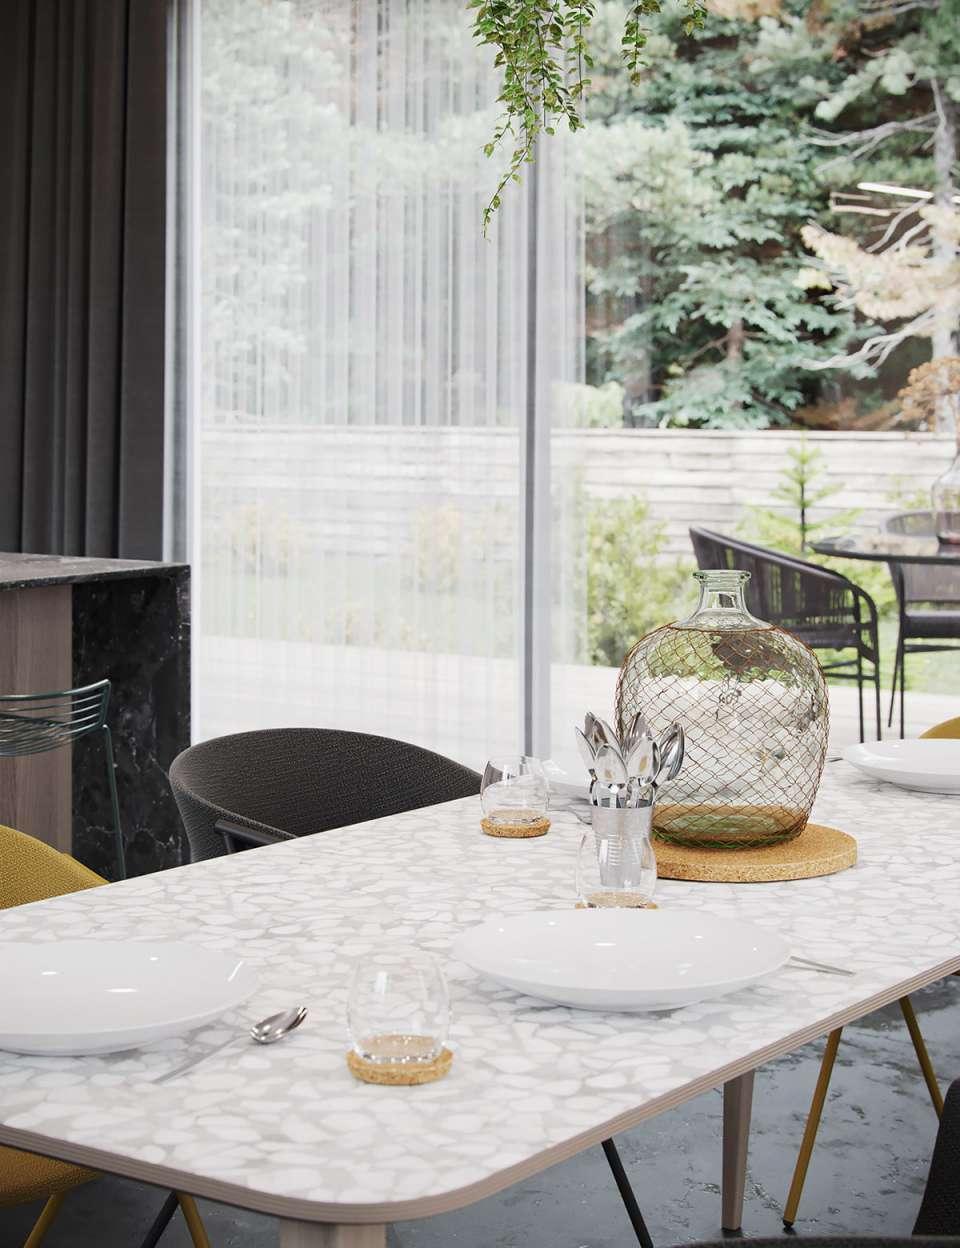 طراحی داخلی خانه با تم مشکی